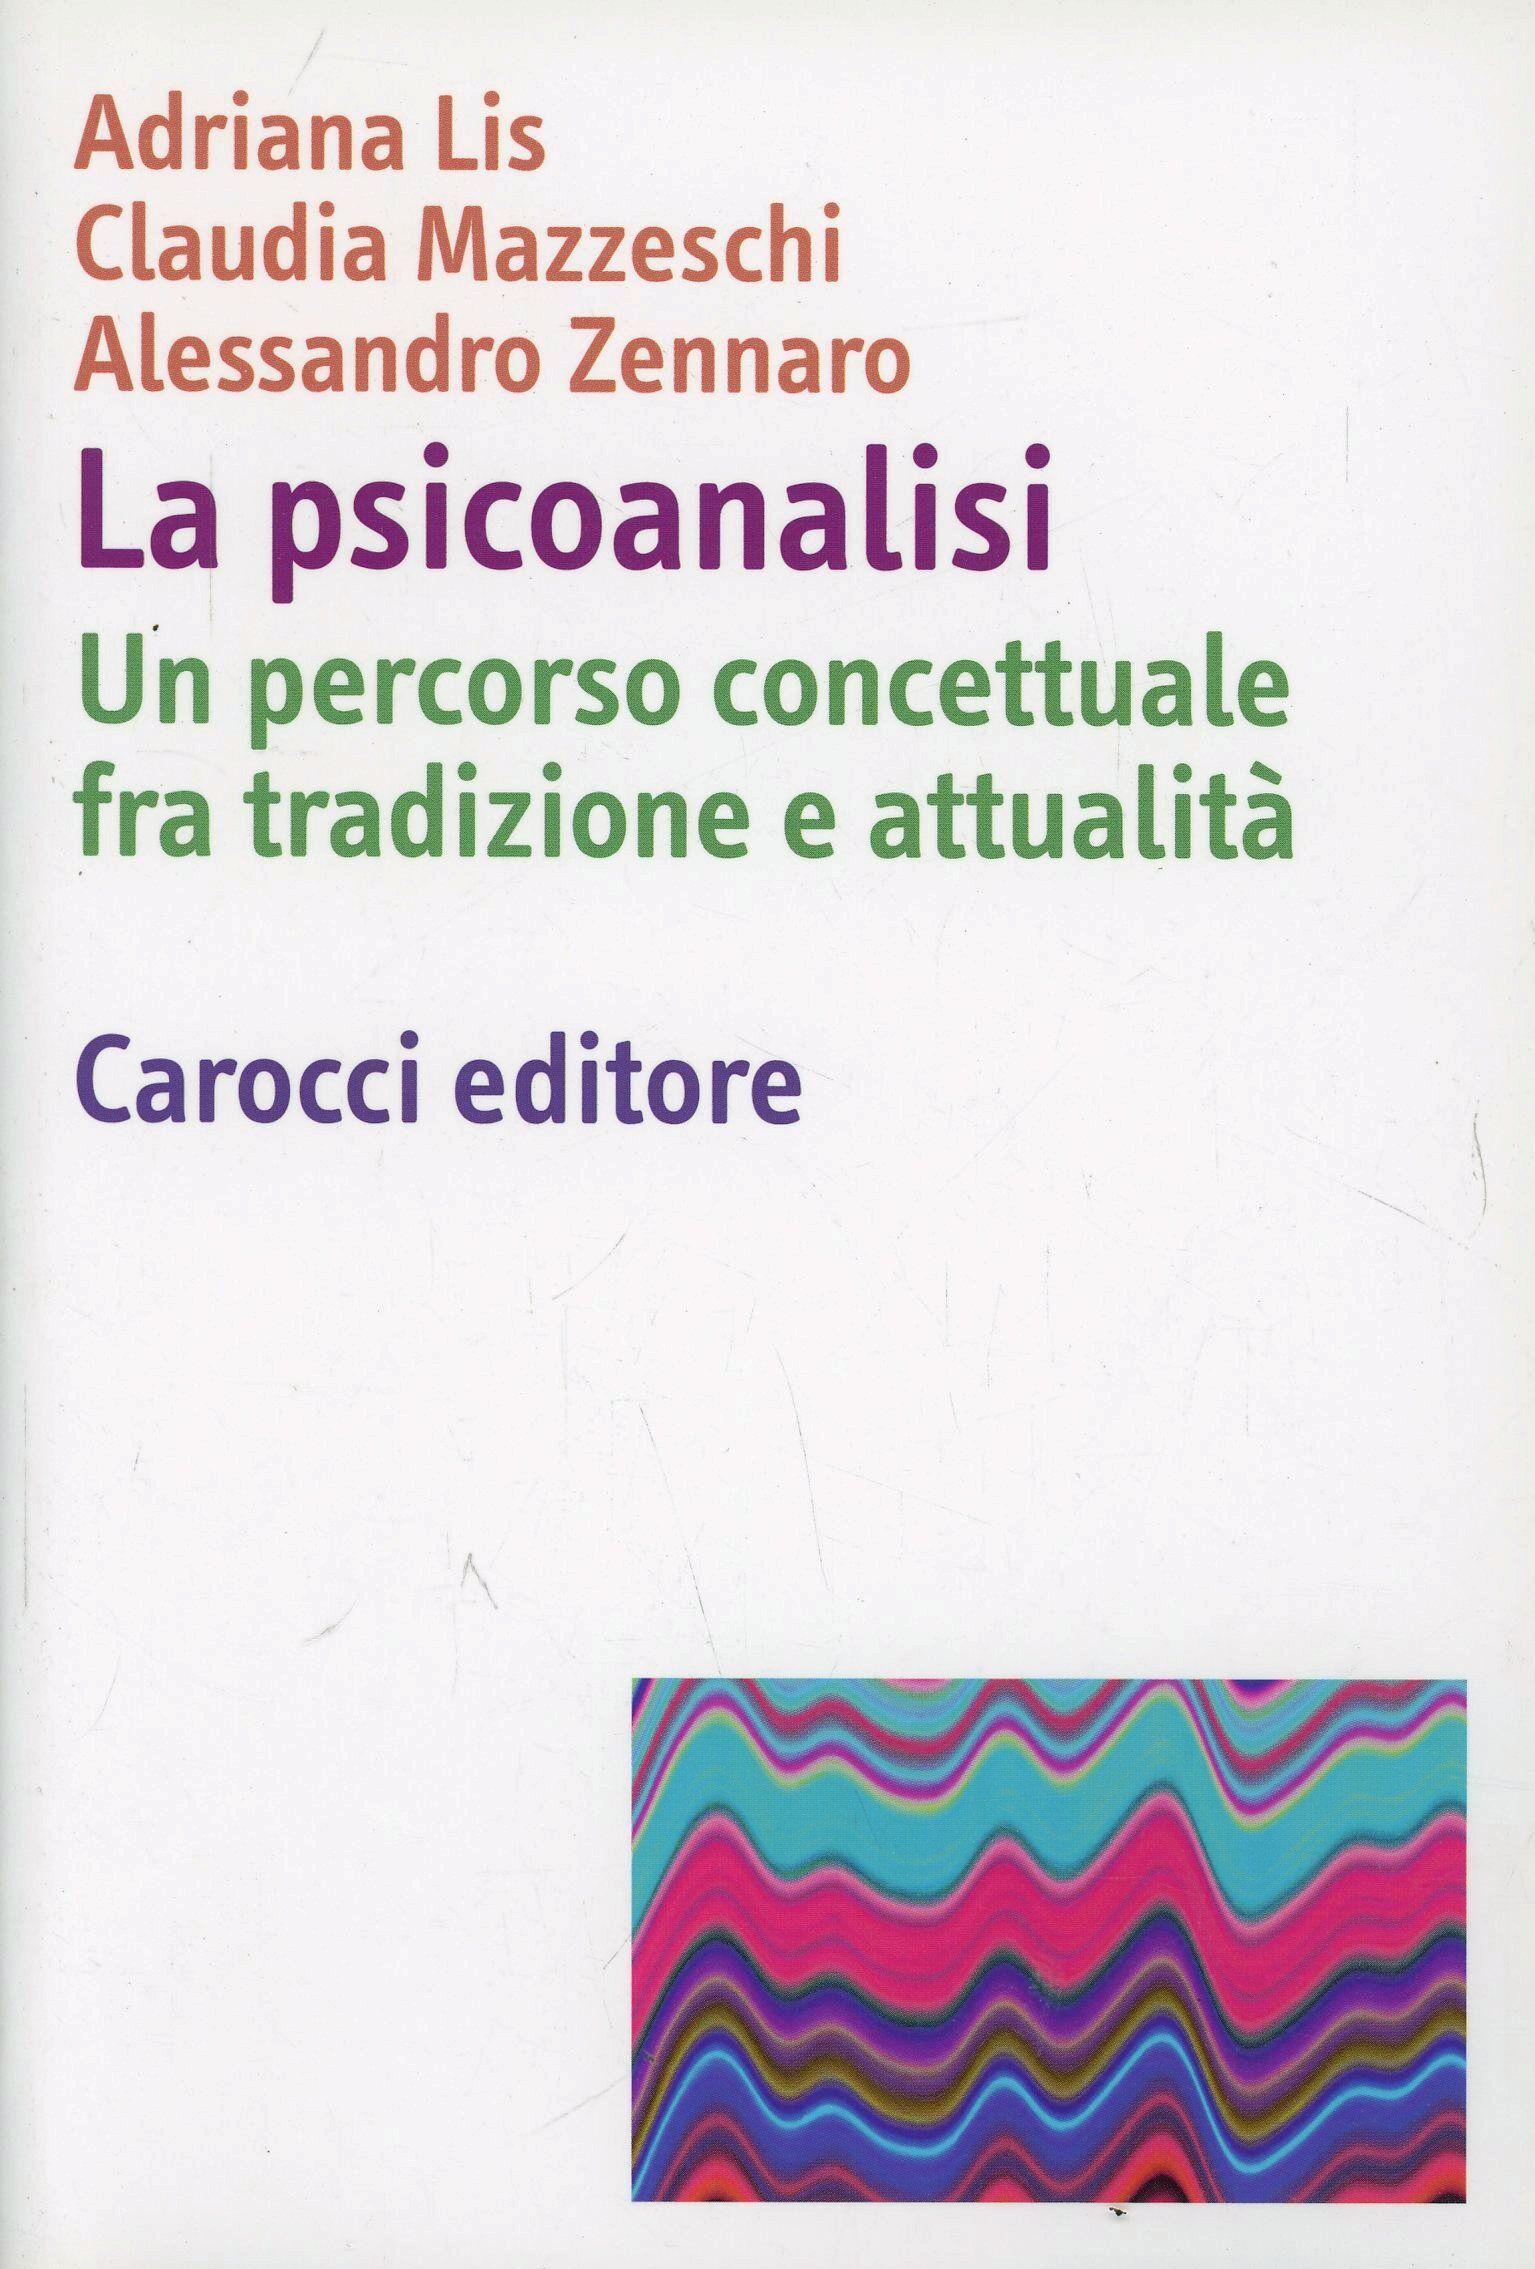 La psicoanalisi. Un percorso concettuale fra tradizione e attualità